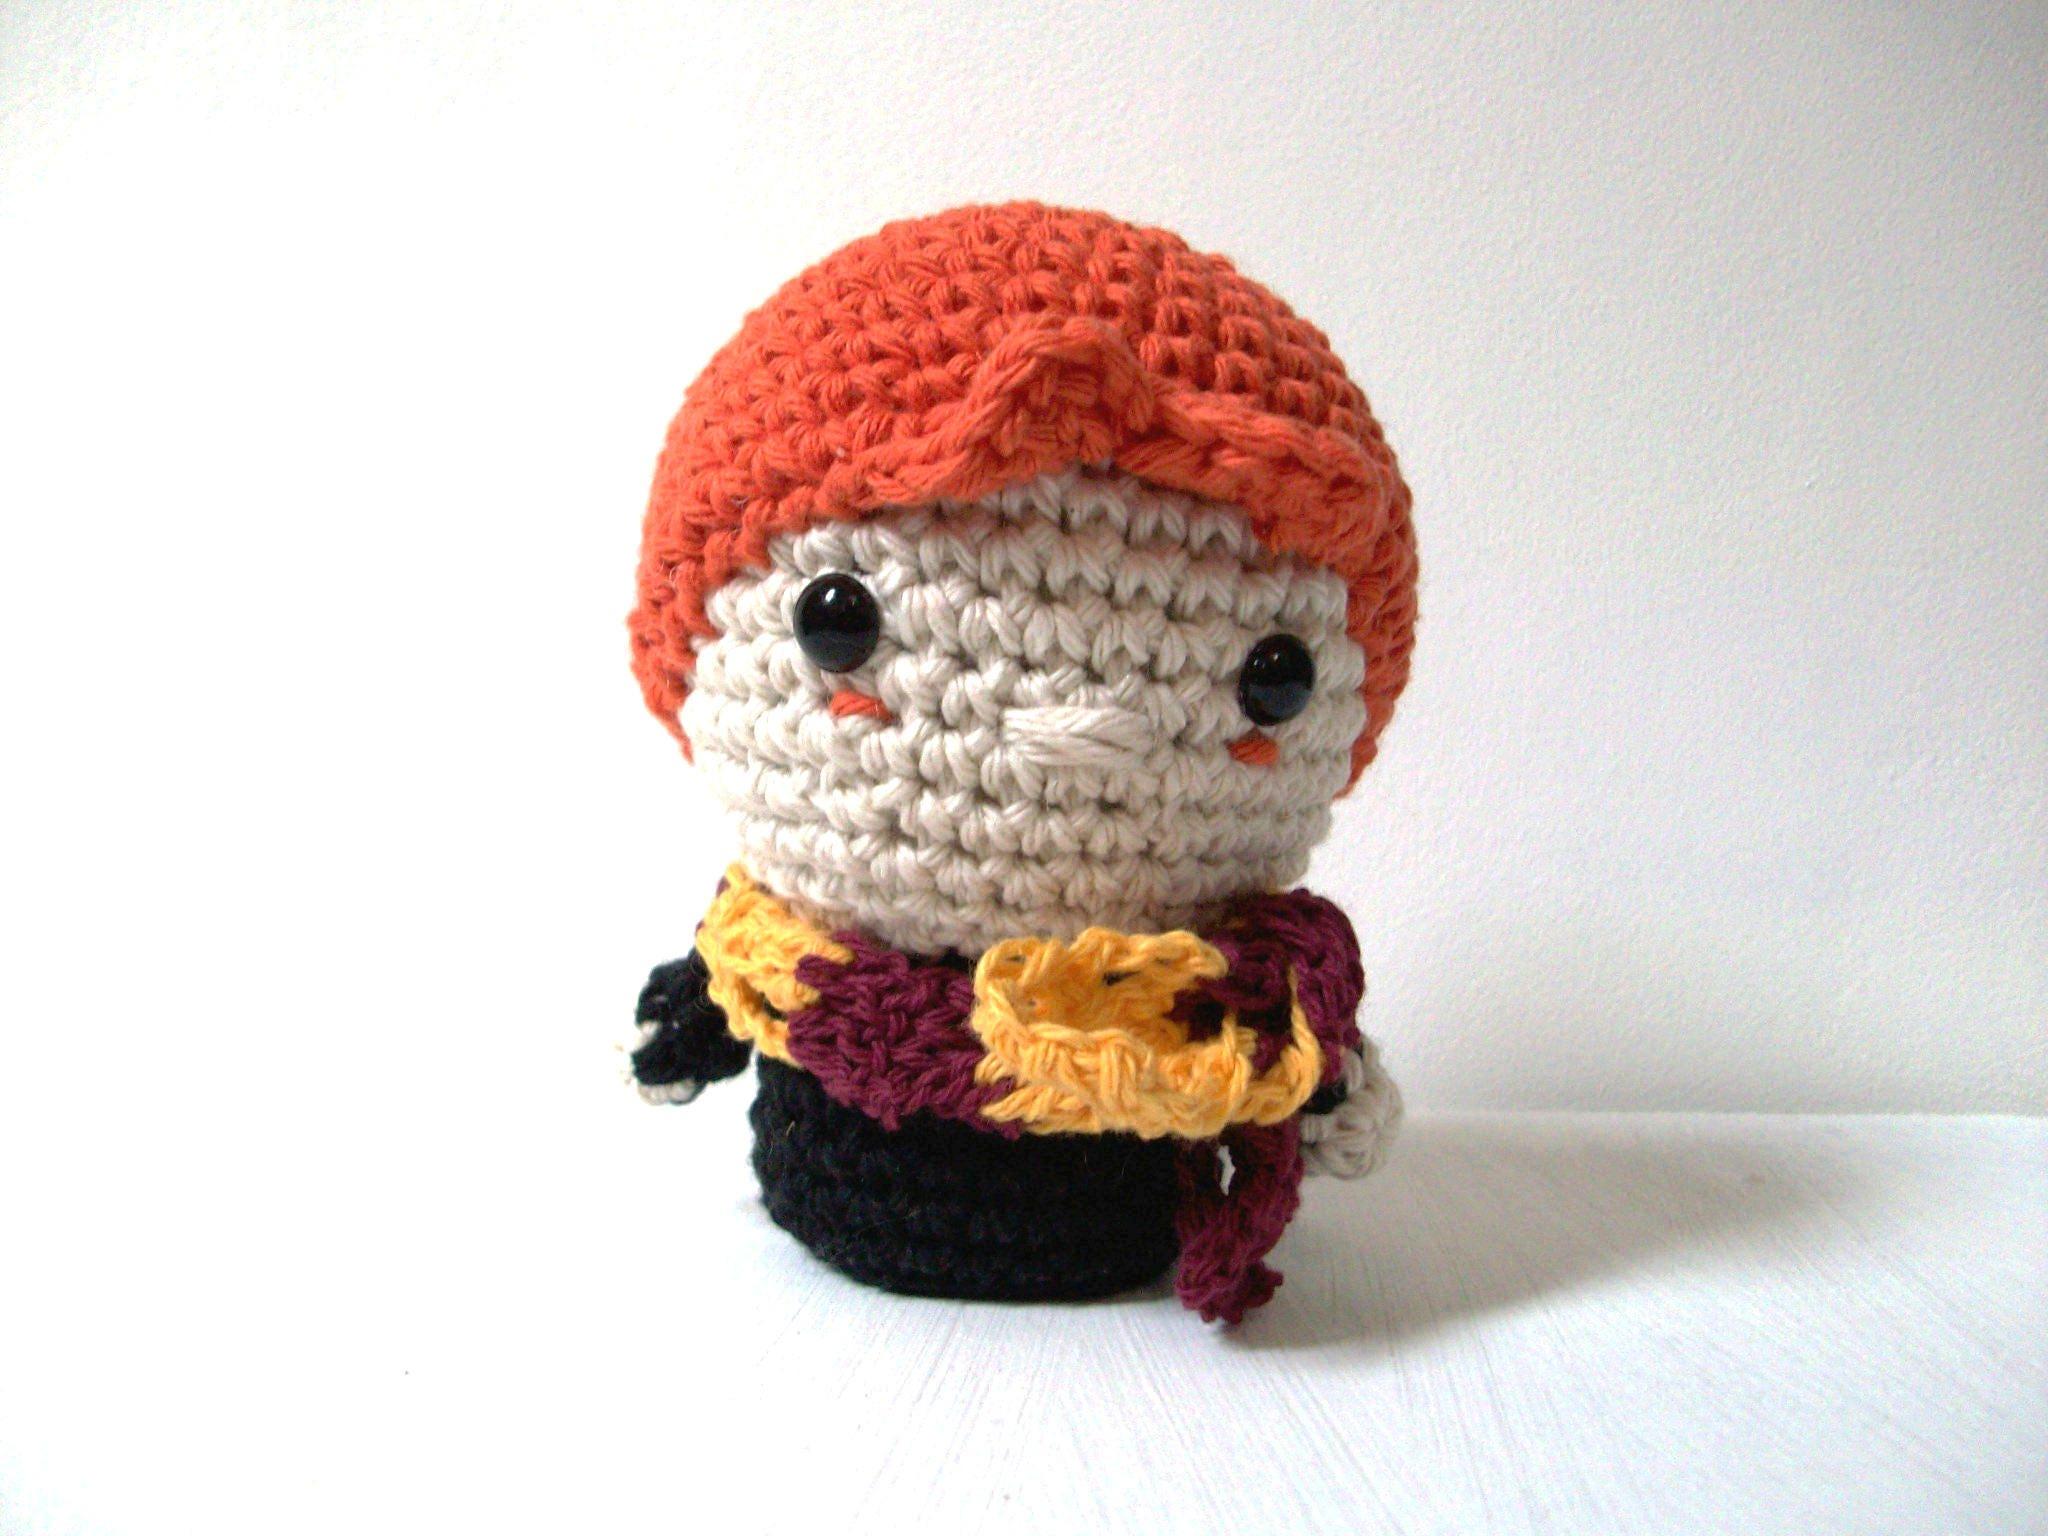 Asombroso Artes Ocio Crochet Patrones Afganos Friso - Ideas de ...